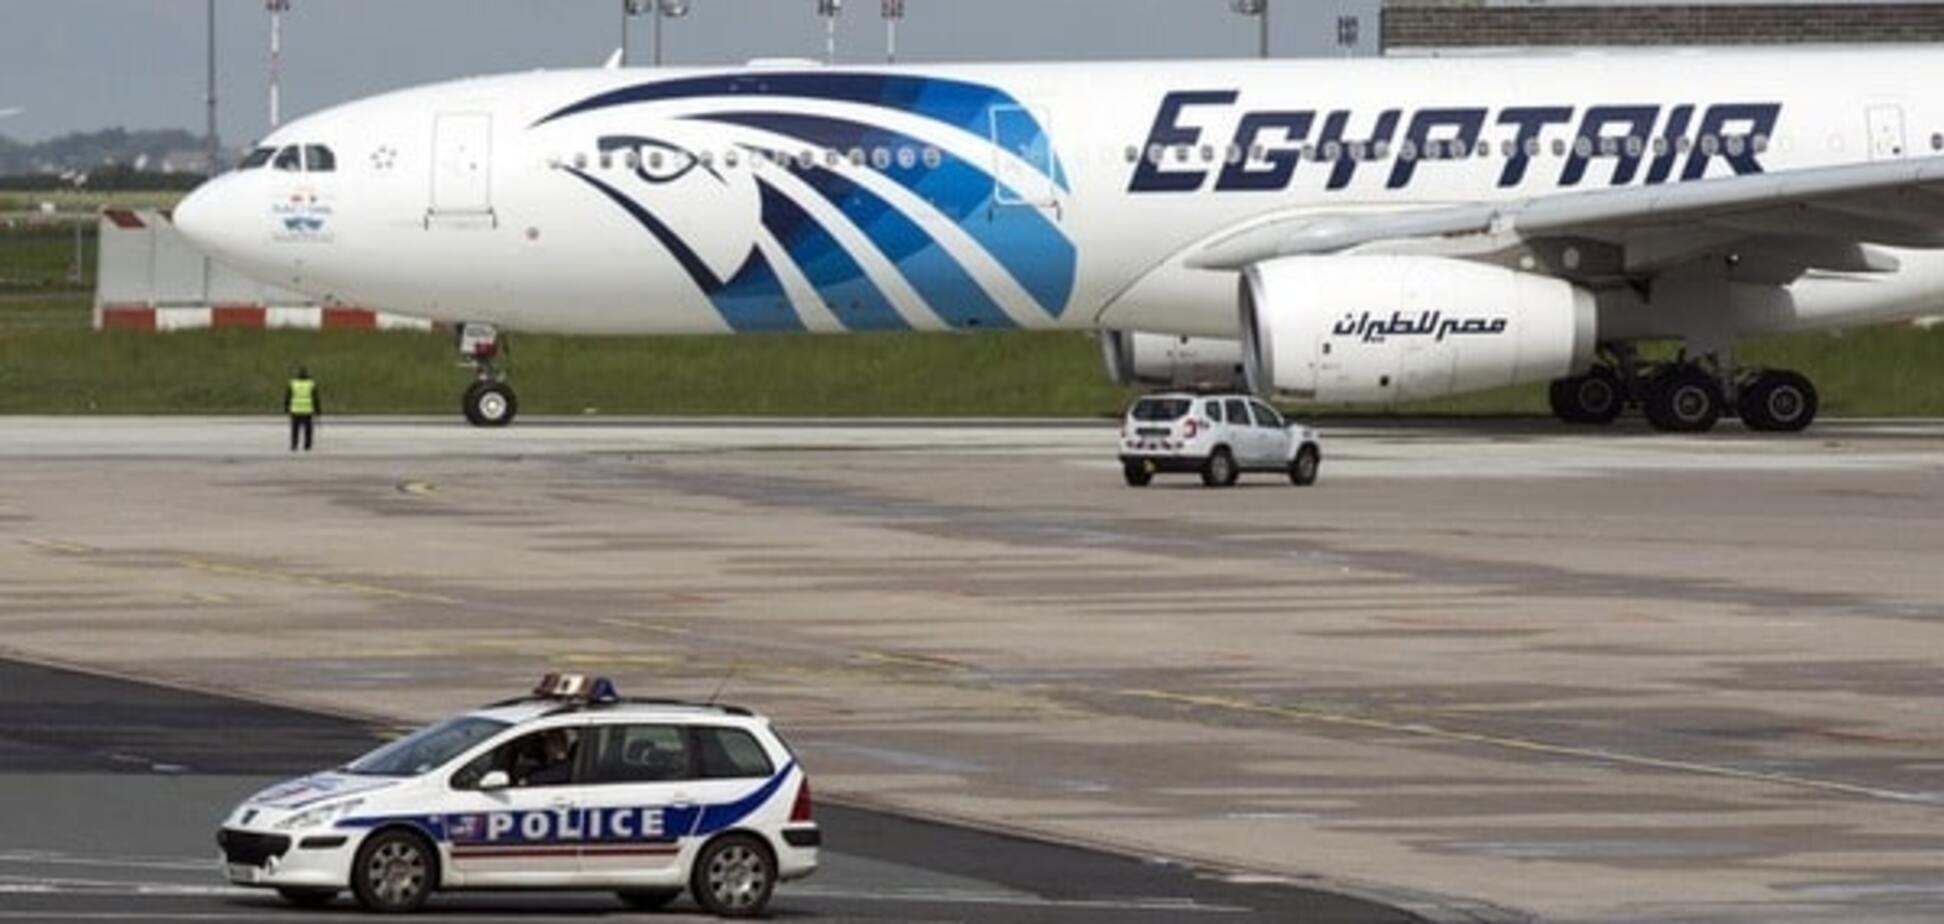 За минуты до крушения с борта EgyptAir поступали тревожные сообщения